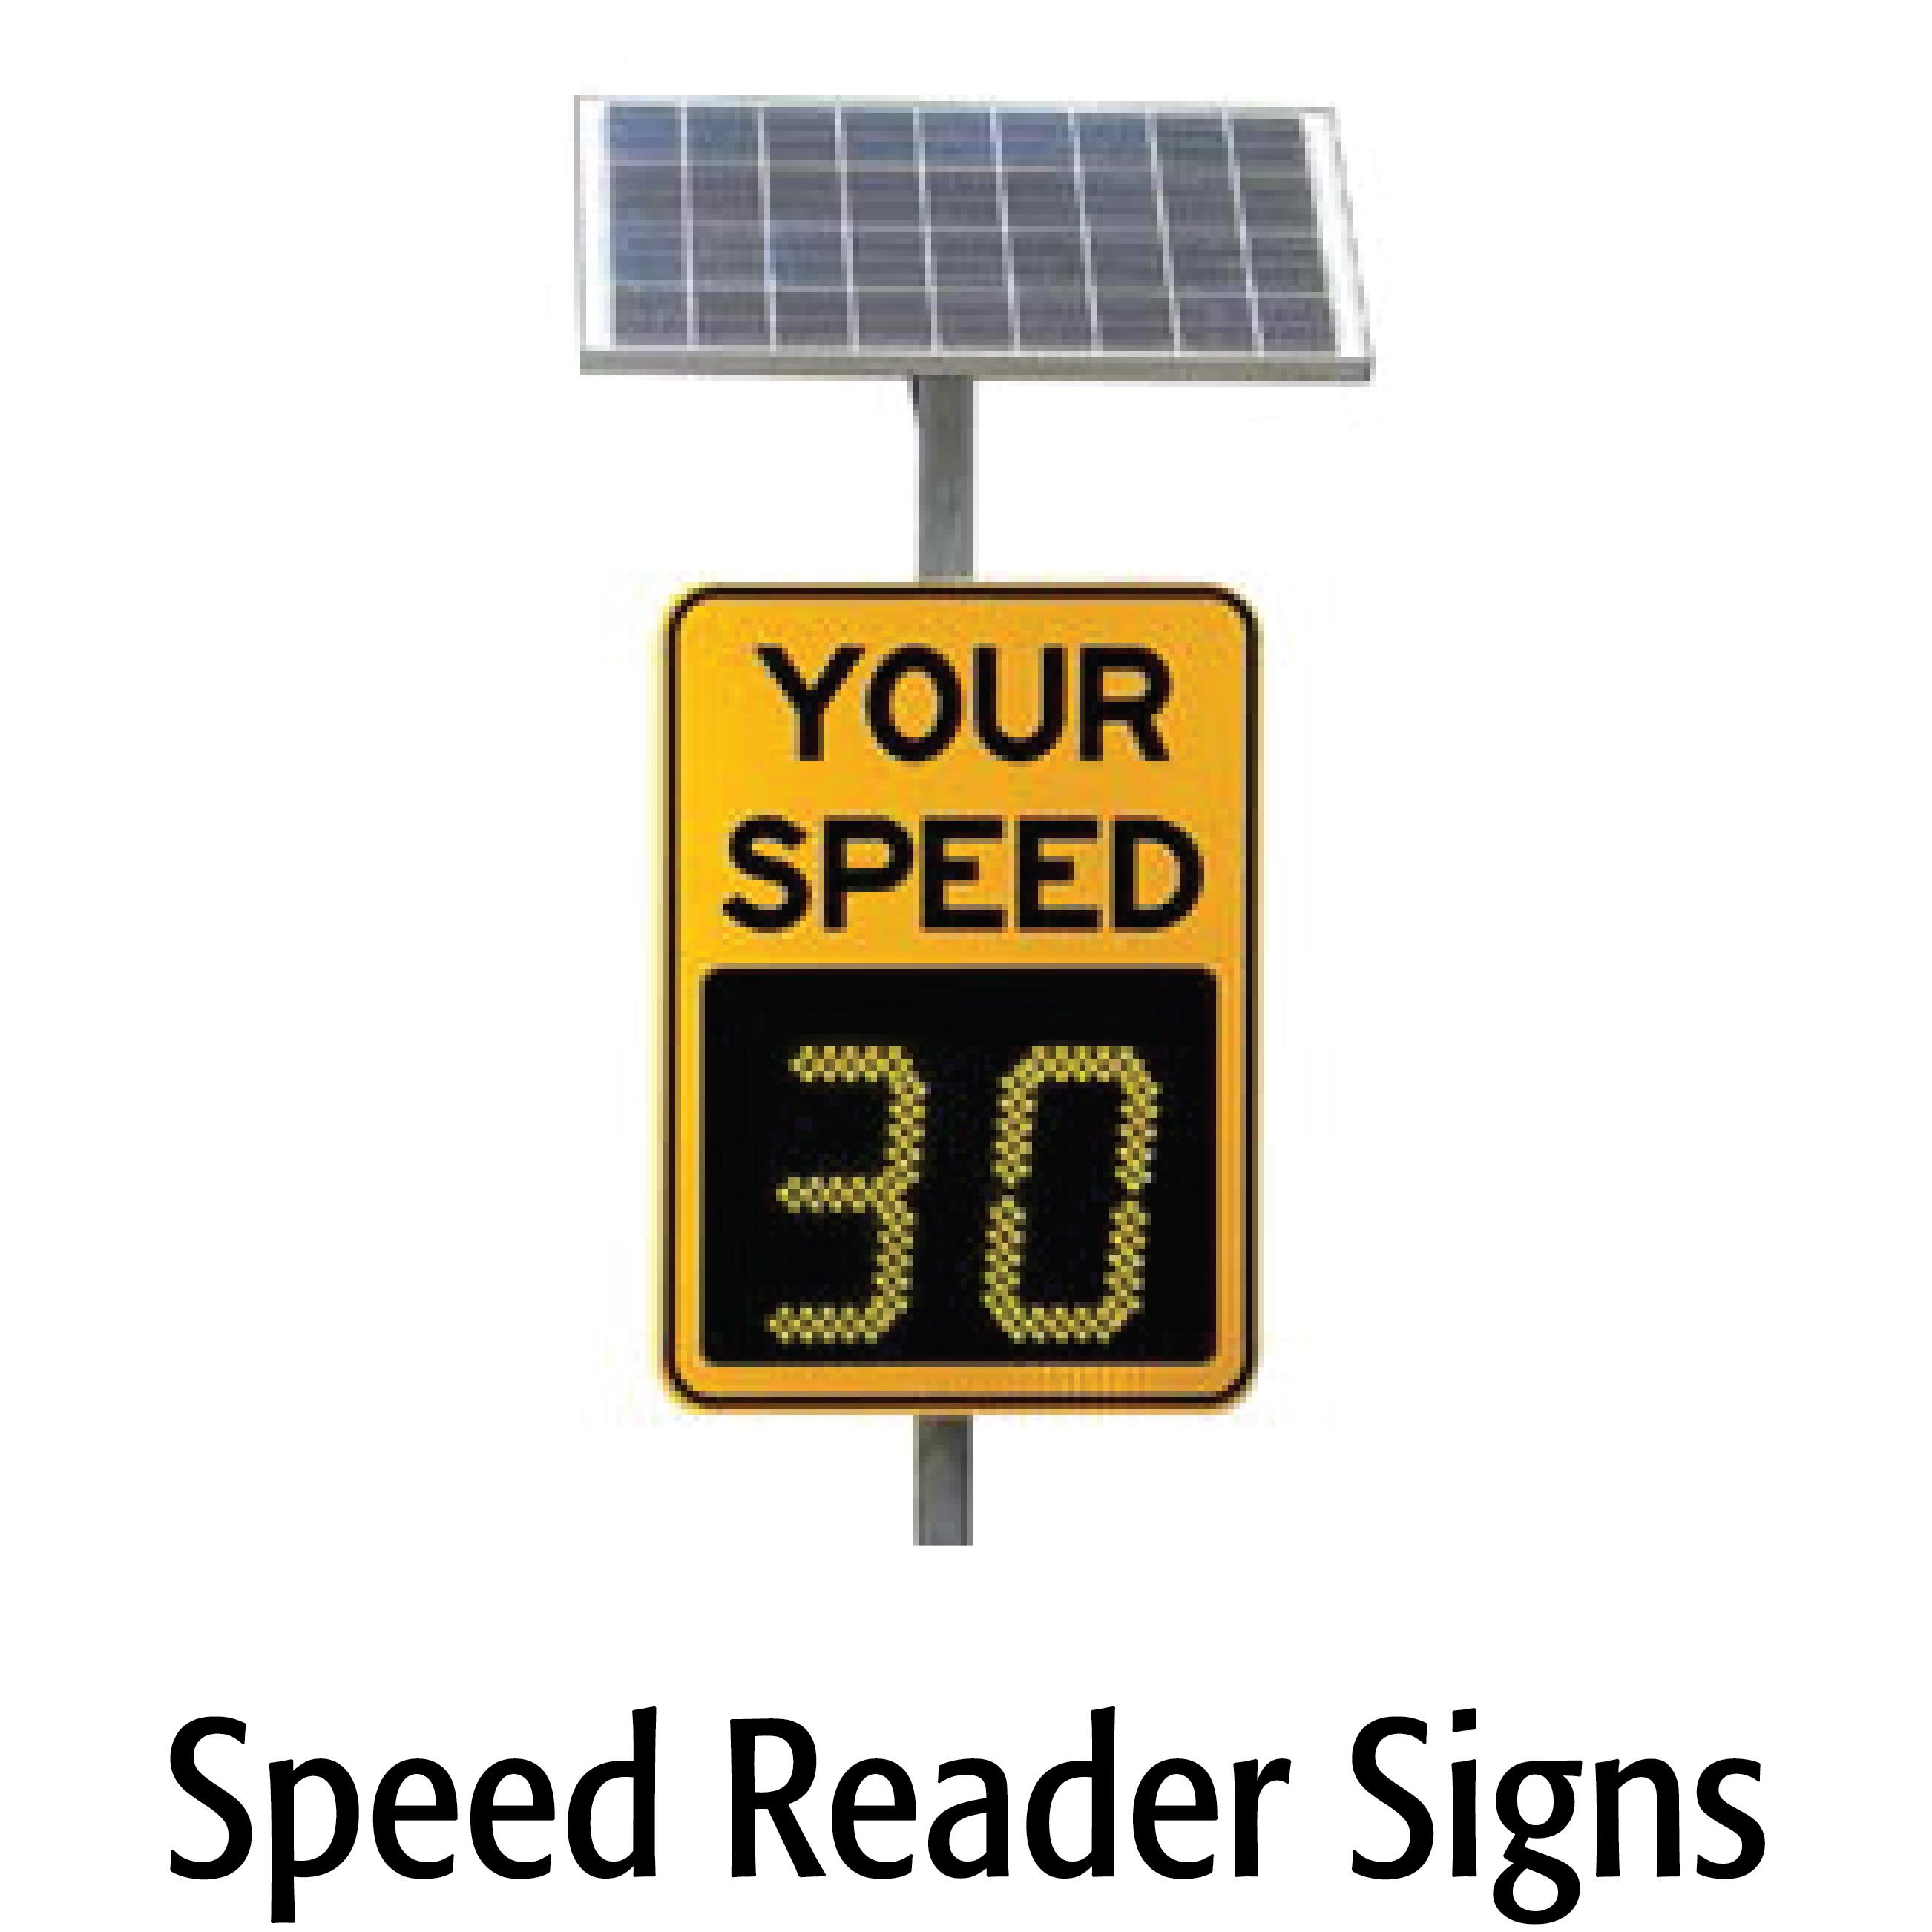 Speed Reader Signs